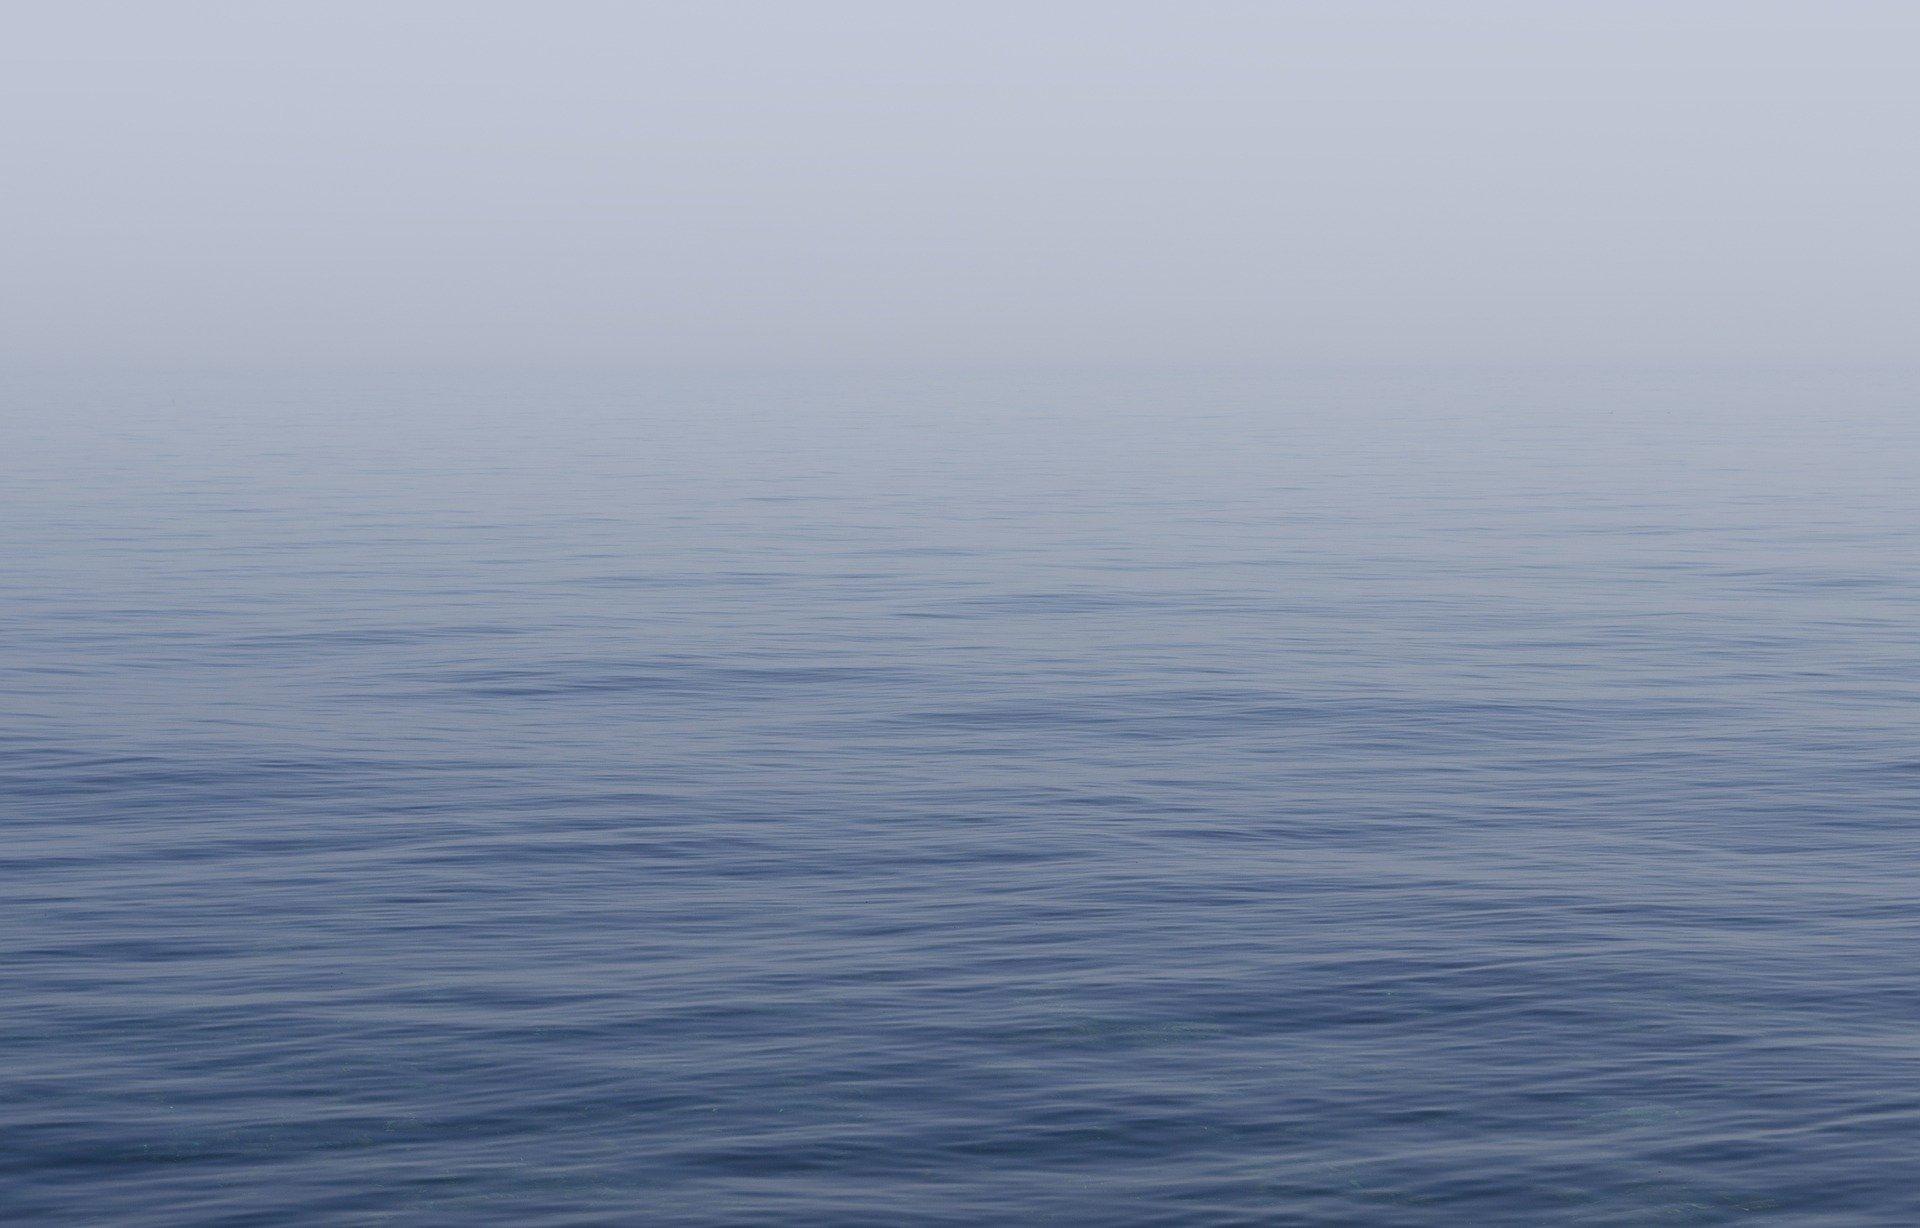 (O barco havia deixado o estado de Níger (centro) e se dirigia ao estado de Kebbi (noroeste) quando se partiu e afundou. Foto: Reprodução/Pixabay)